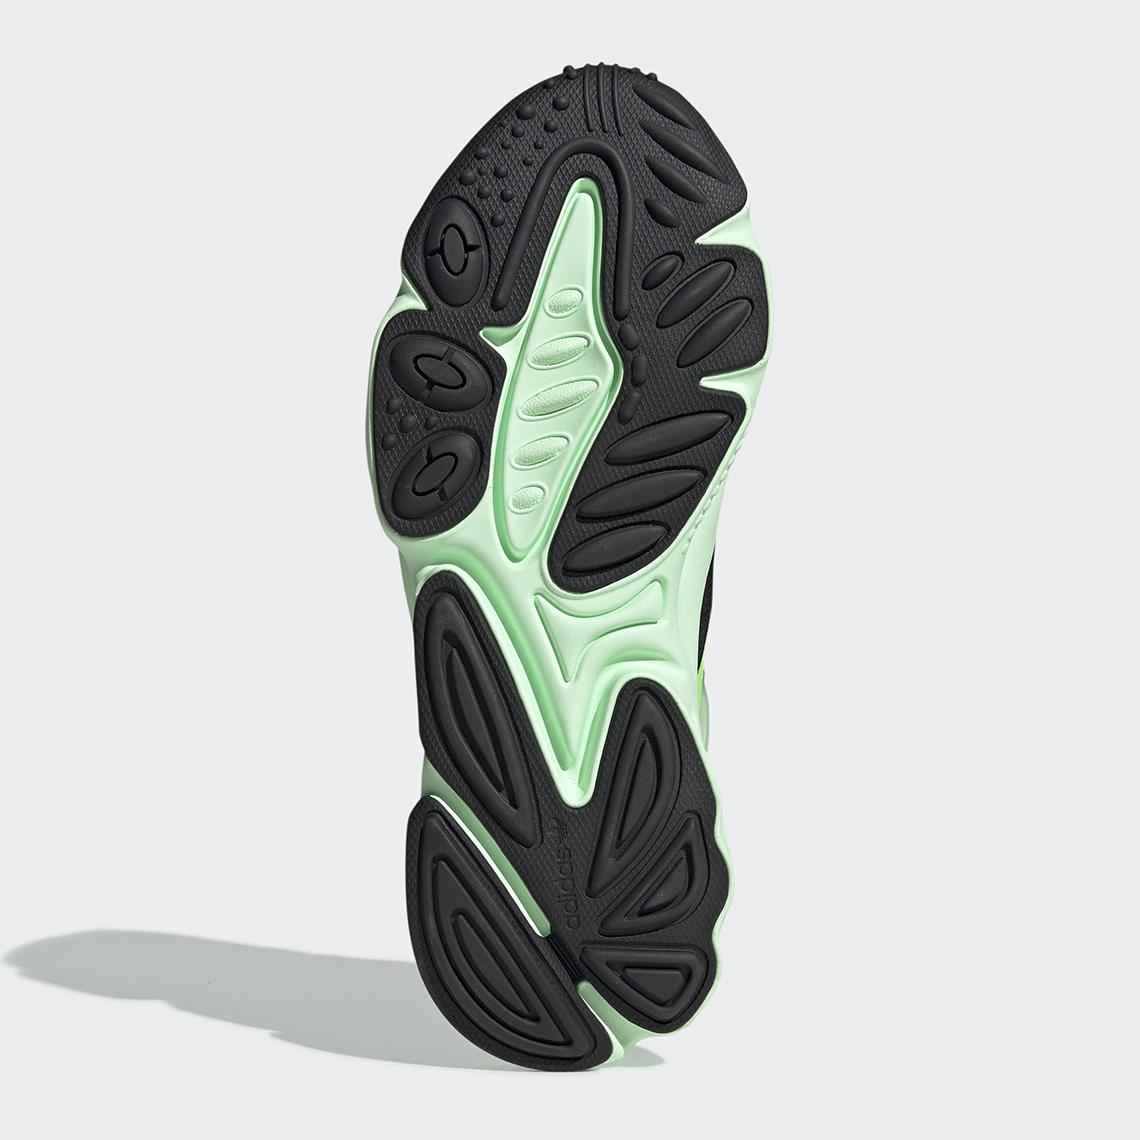 adidas-ozweego-neon-green-ee7008-3.jpg